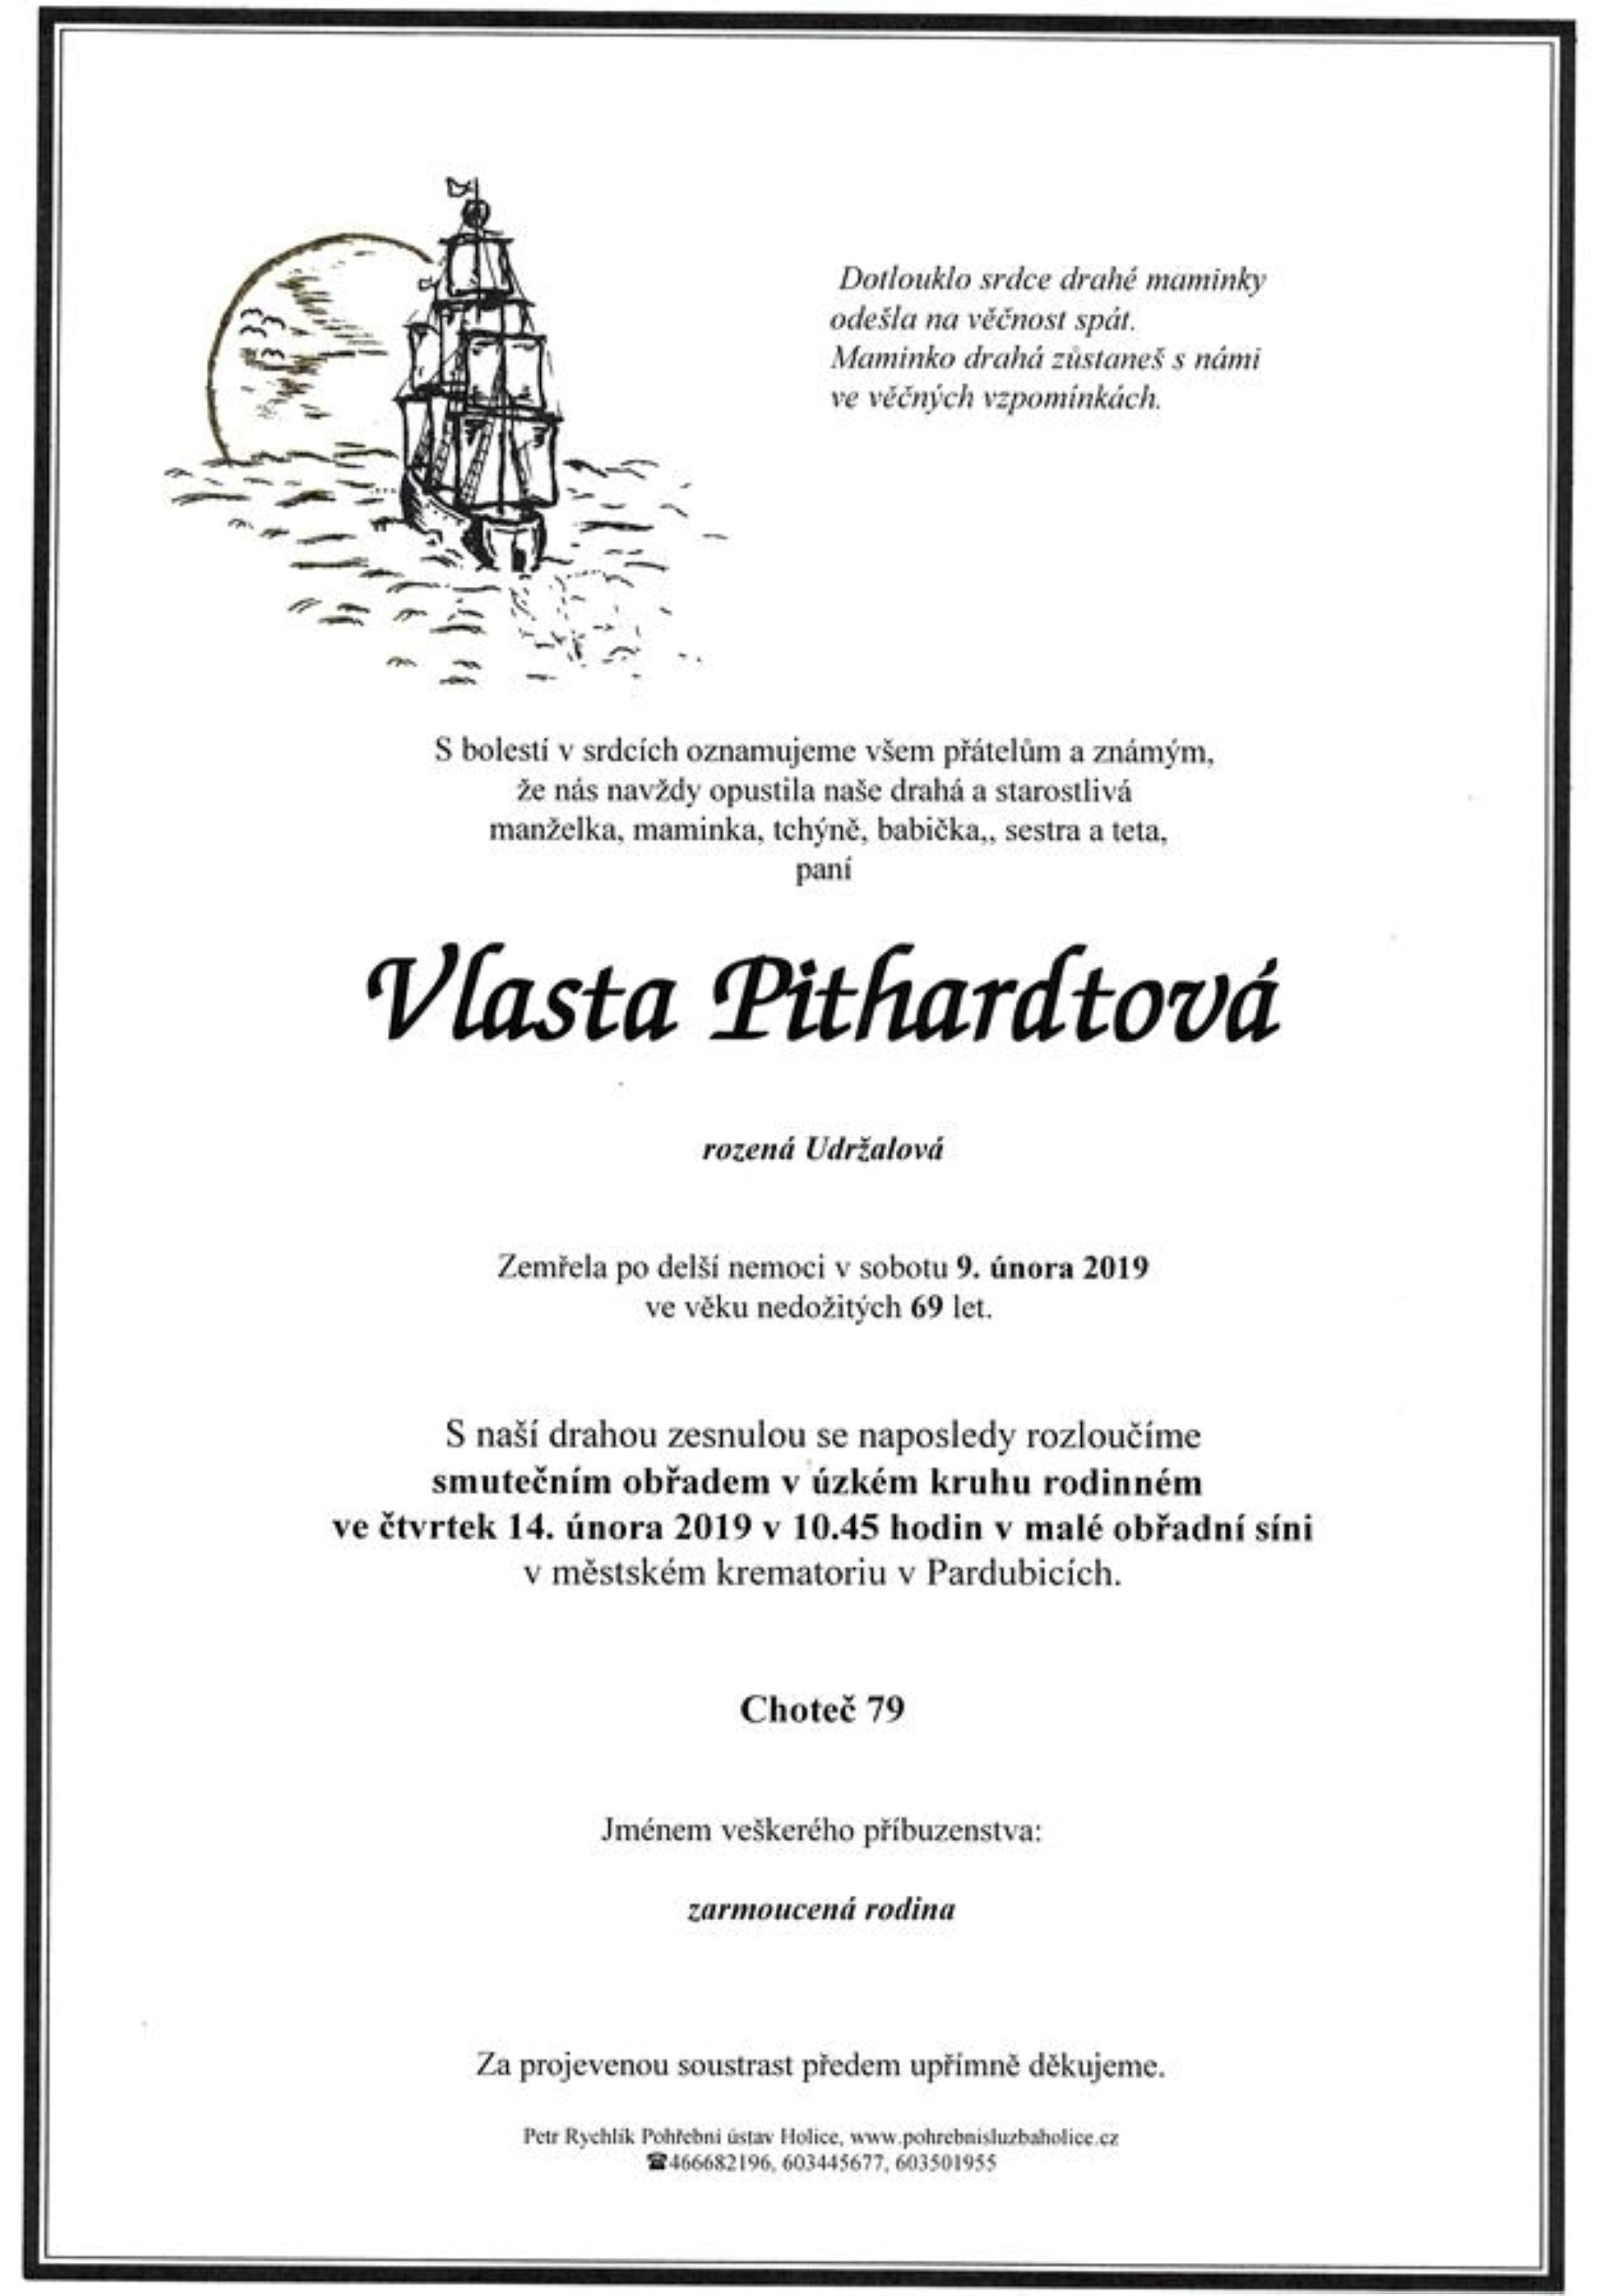 Vlasta Pithardtová